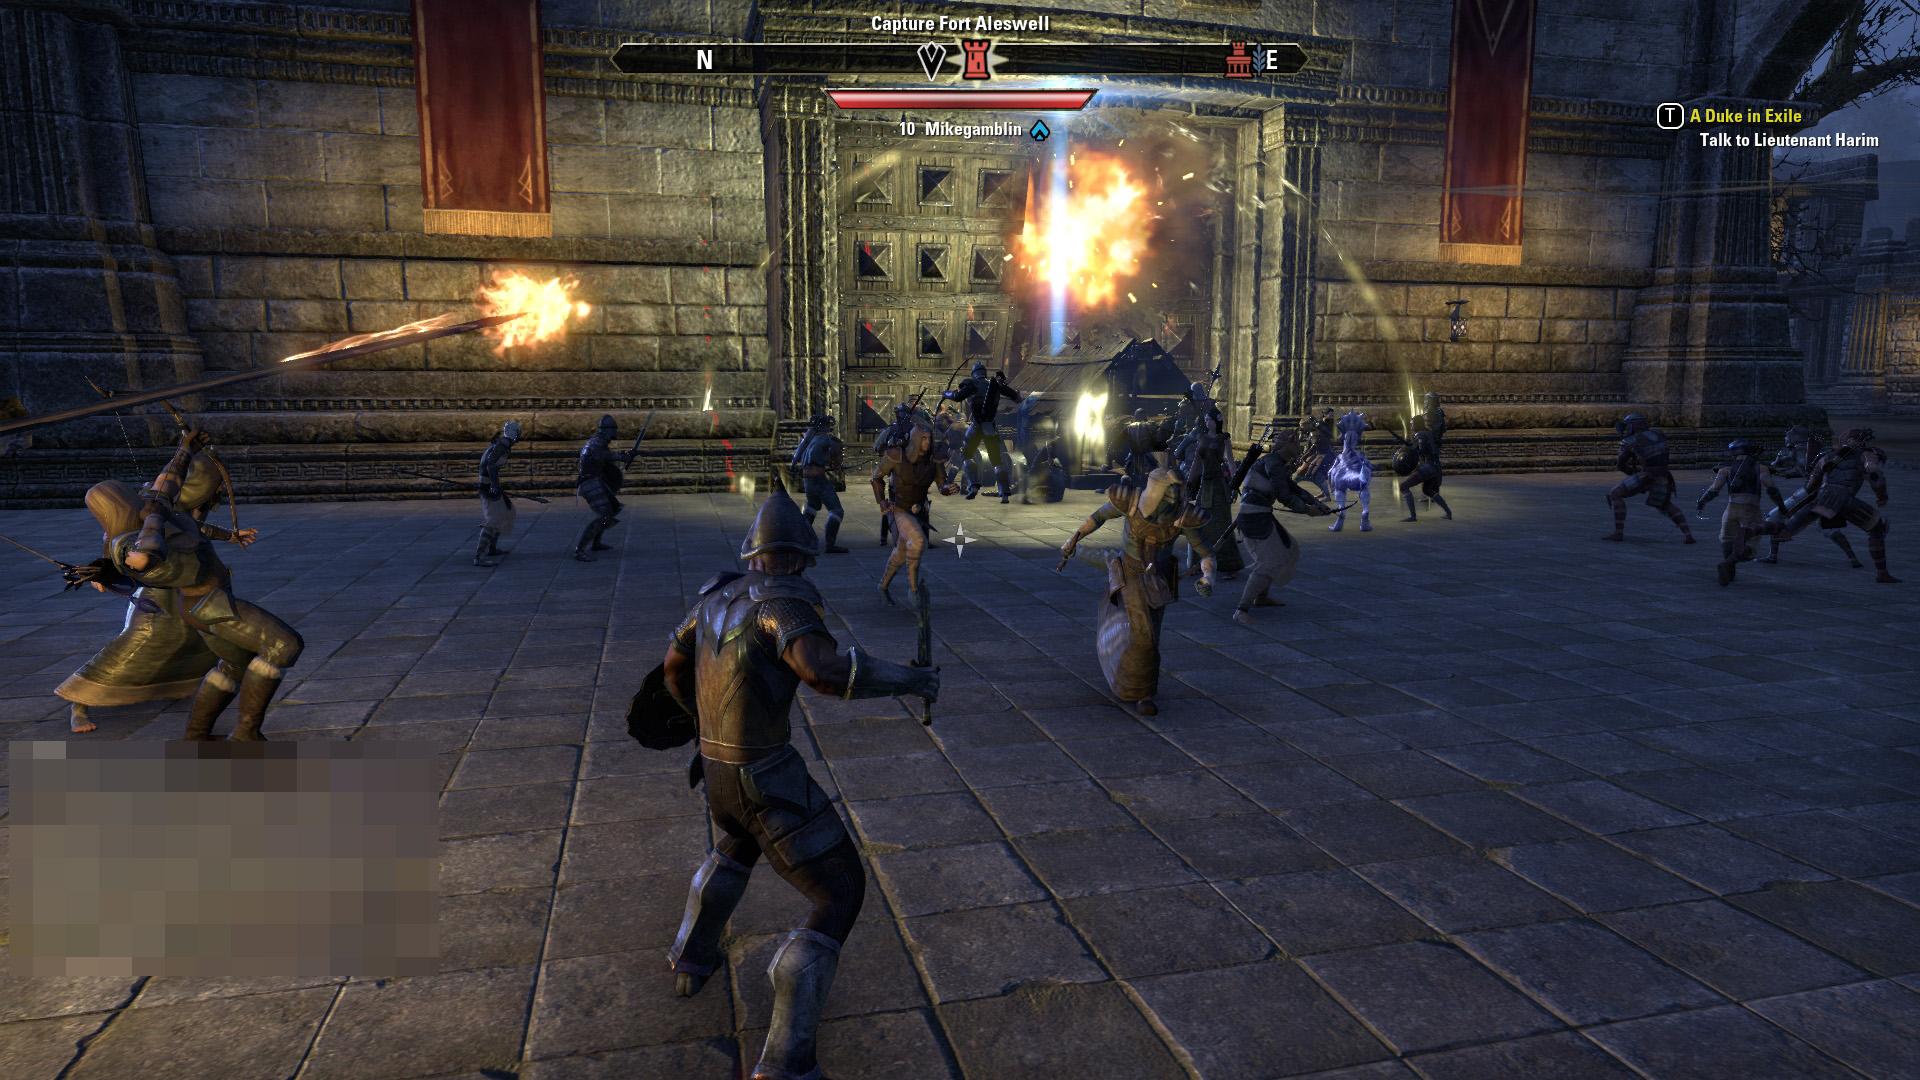 前回も体験した砦への攻撃。現在のルールだと、攻めやすく守りにくい印象がある